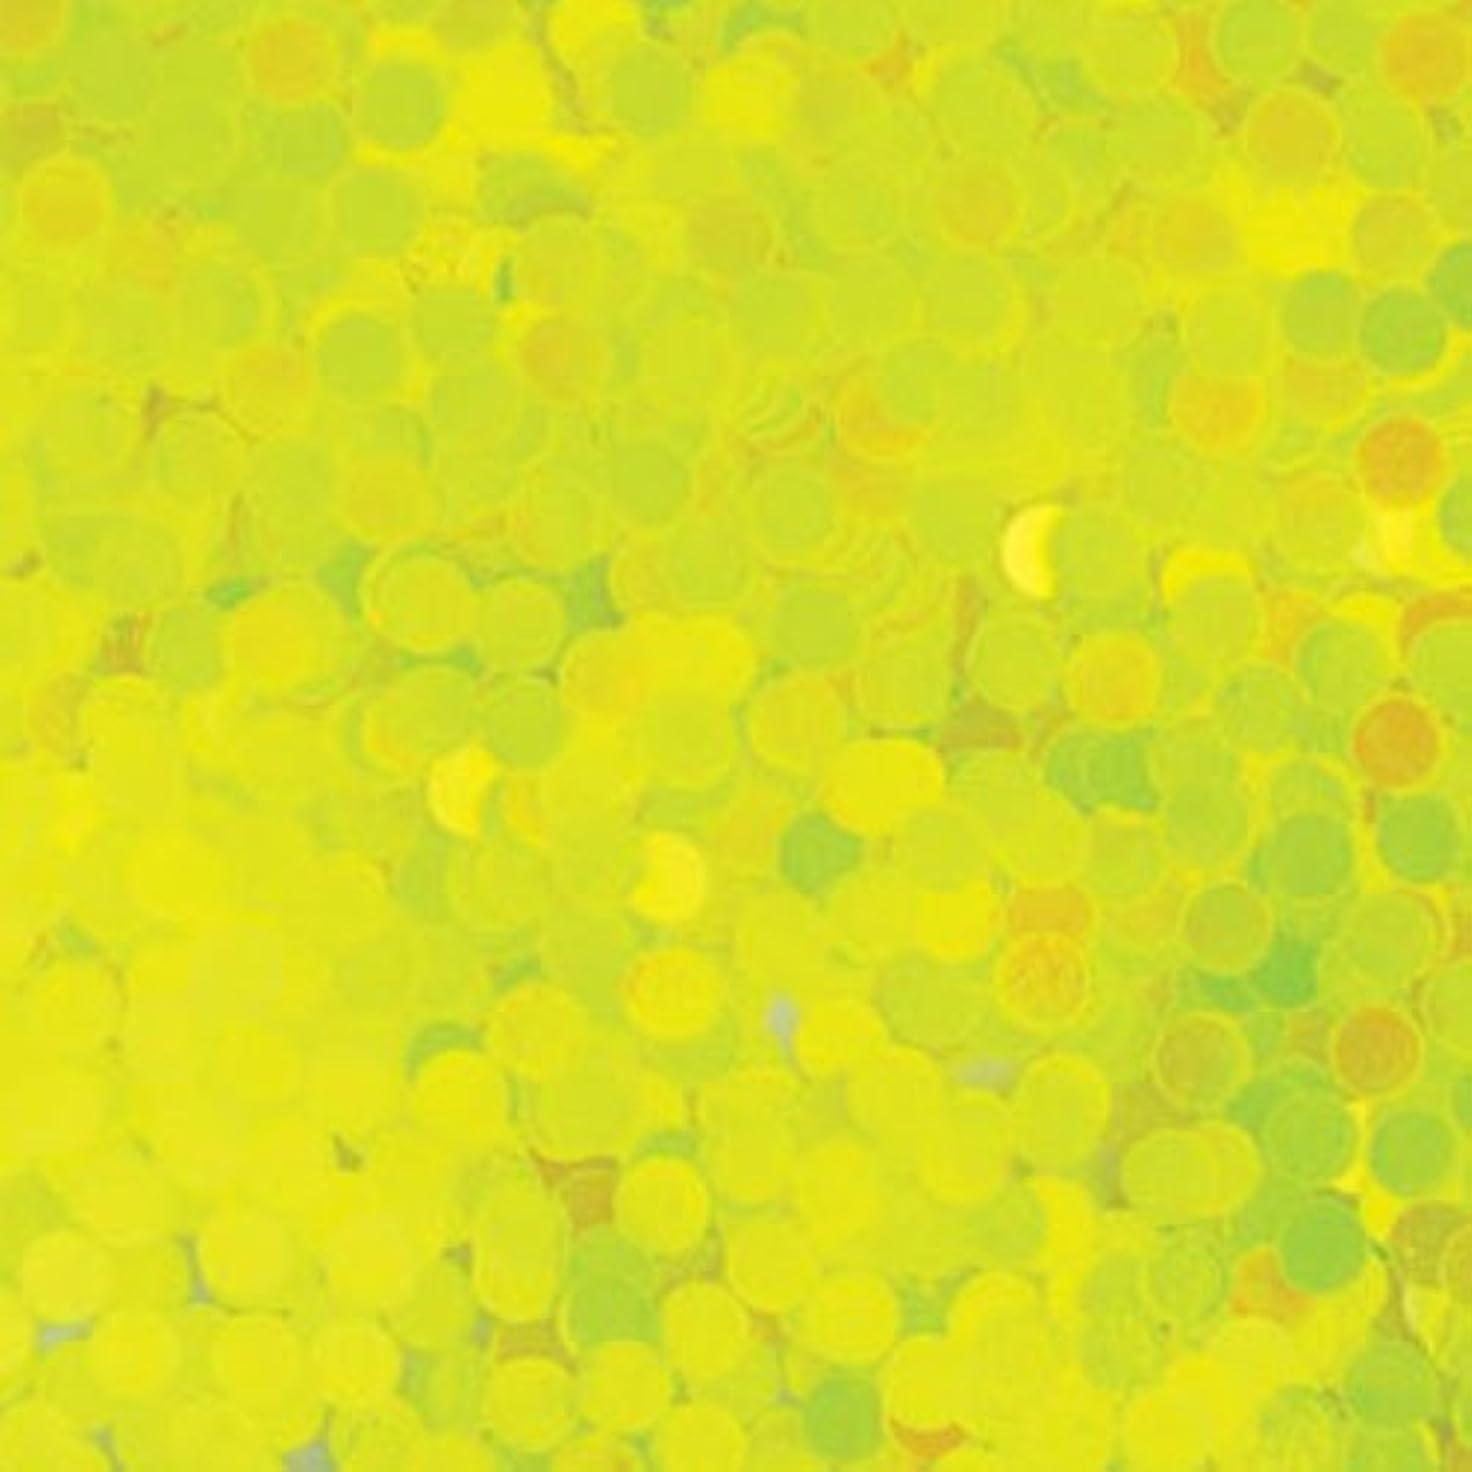 通知する流用するけん引ピカエース ネイル用パウダー 丸蛍光 2mm #446 レモン 0.5g